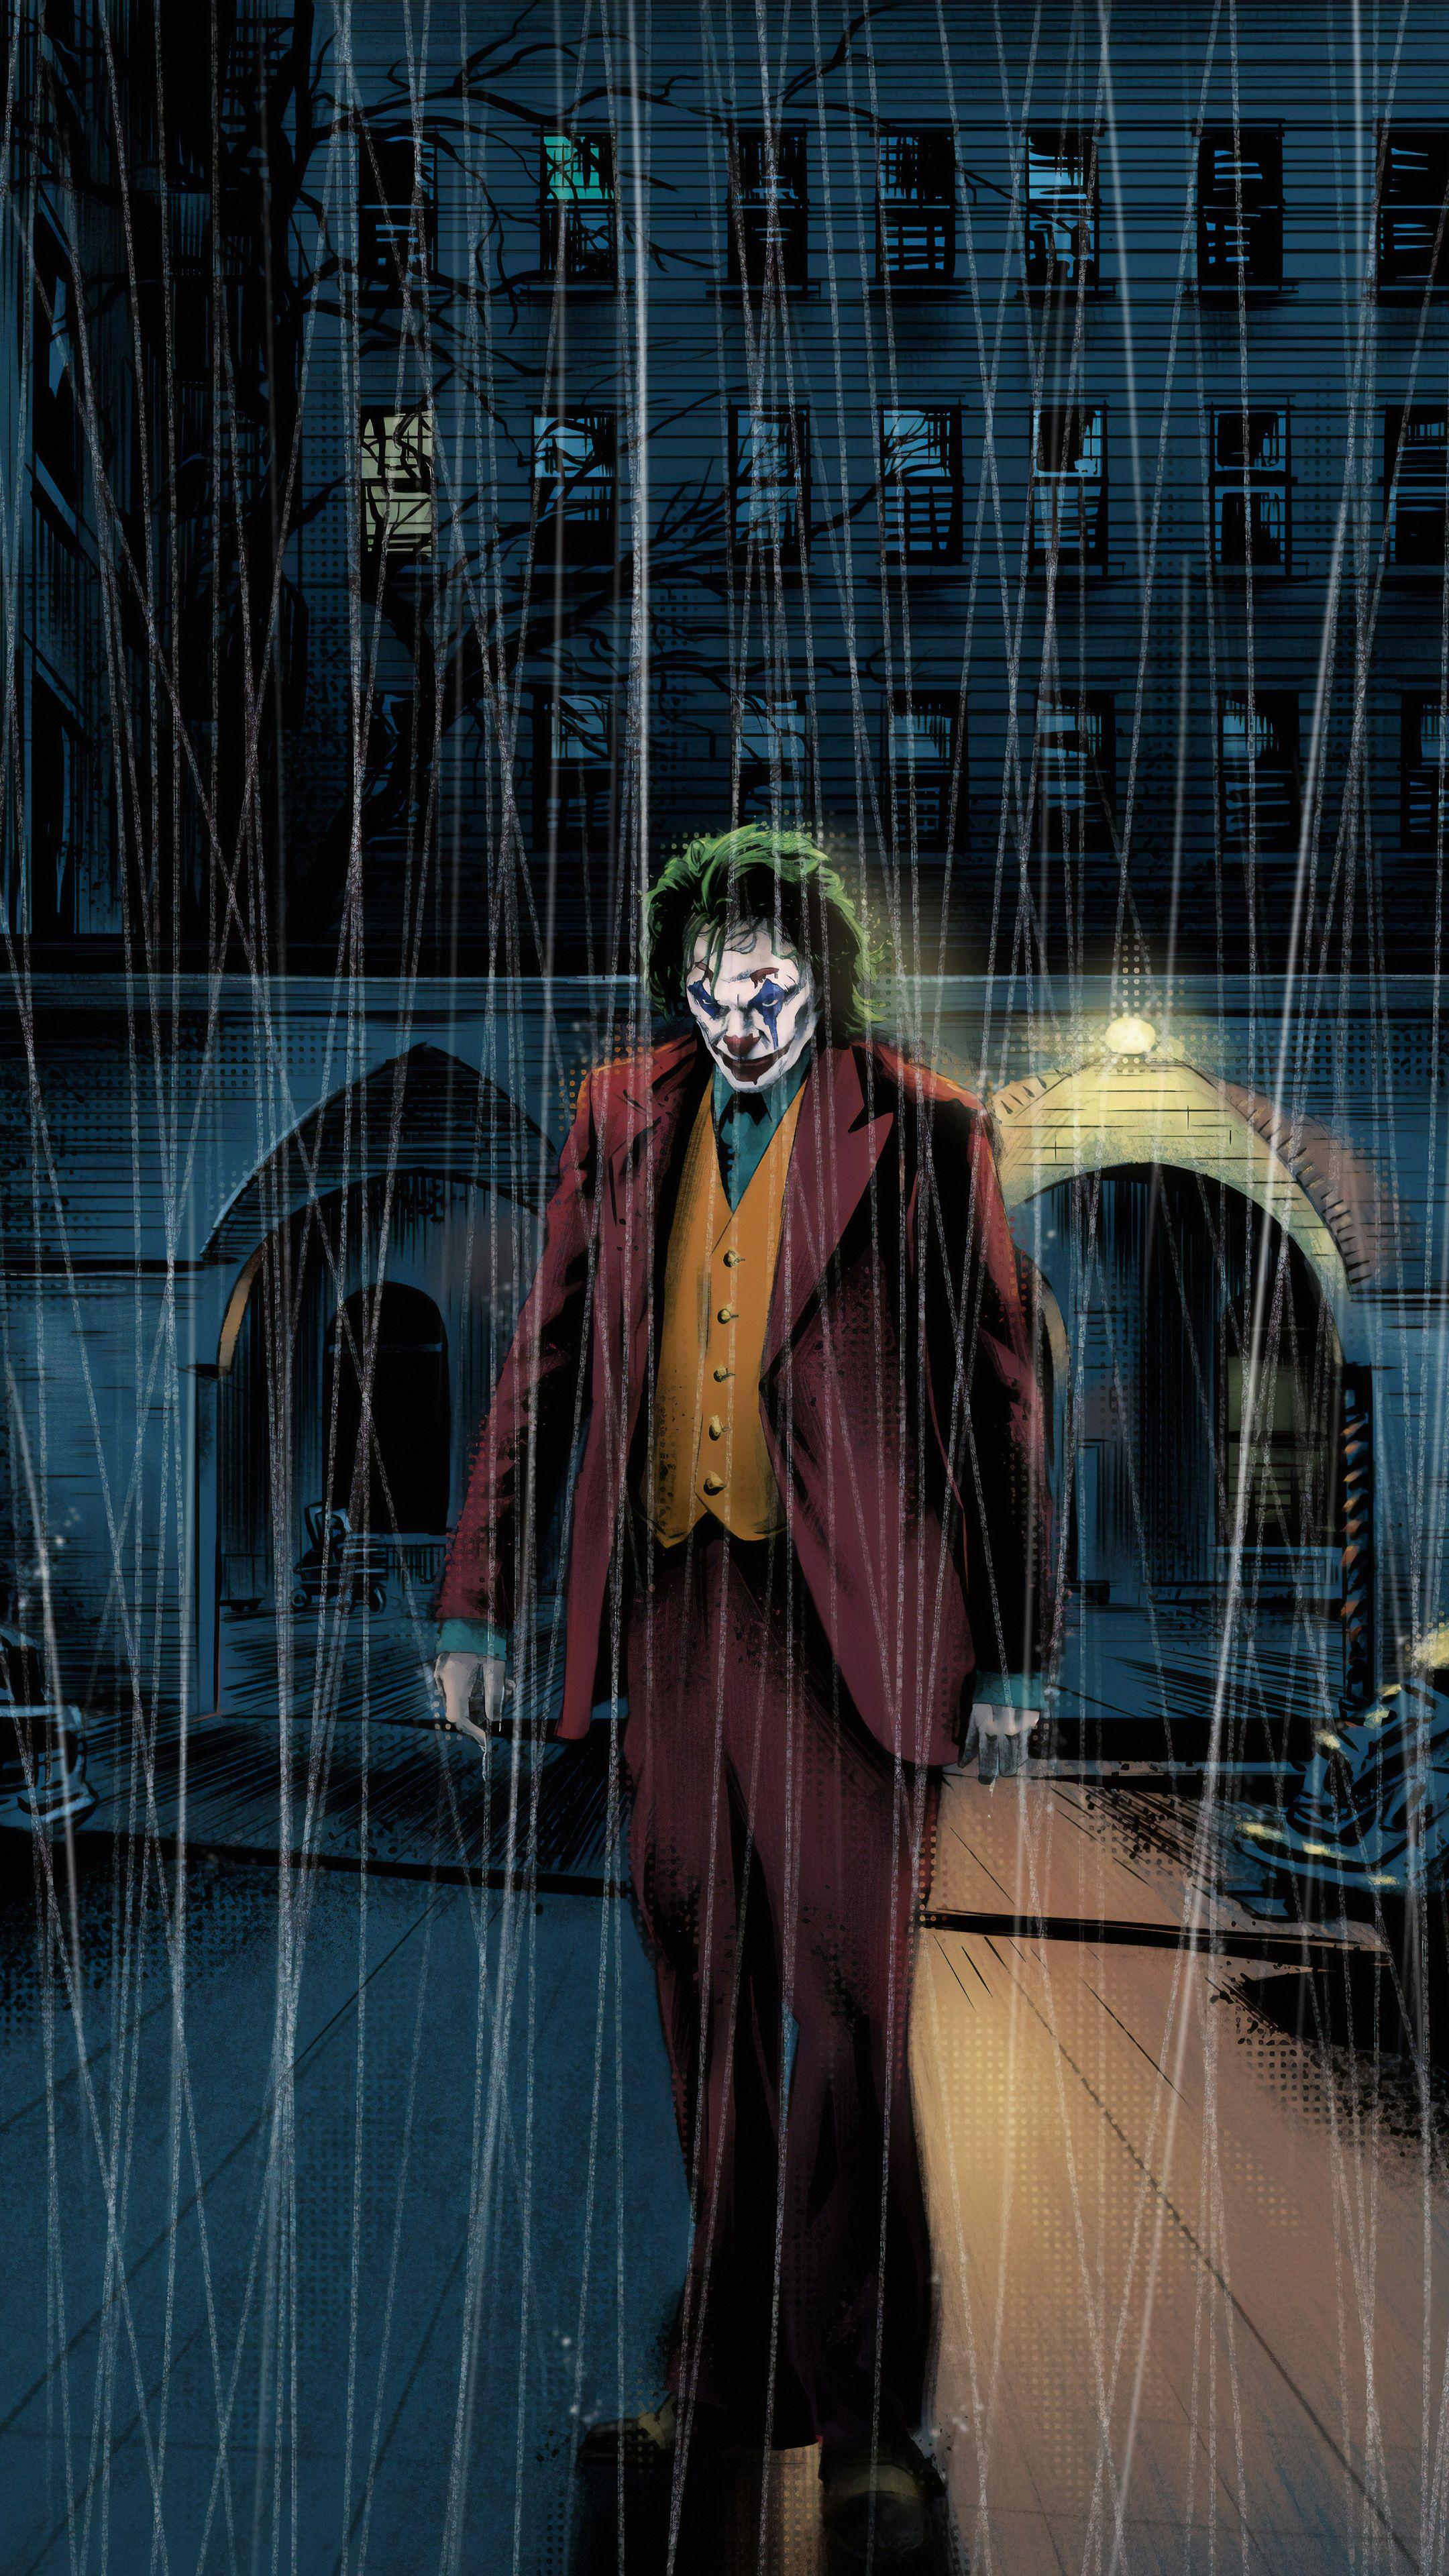 Joker 4k Newart In 2160x3840 Resolution Joker Hd Wallpaper Joker Iphone Wallpaper Joker Wallpapers